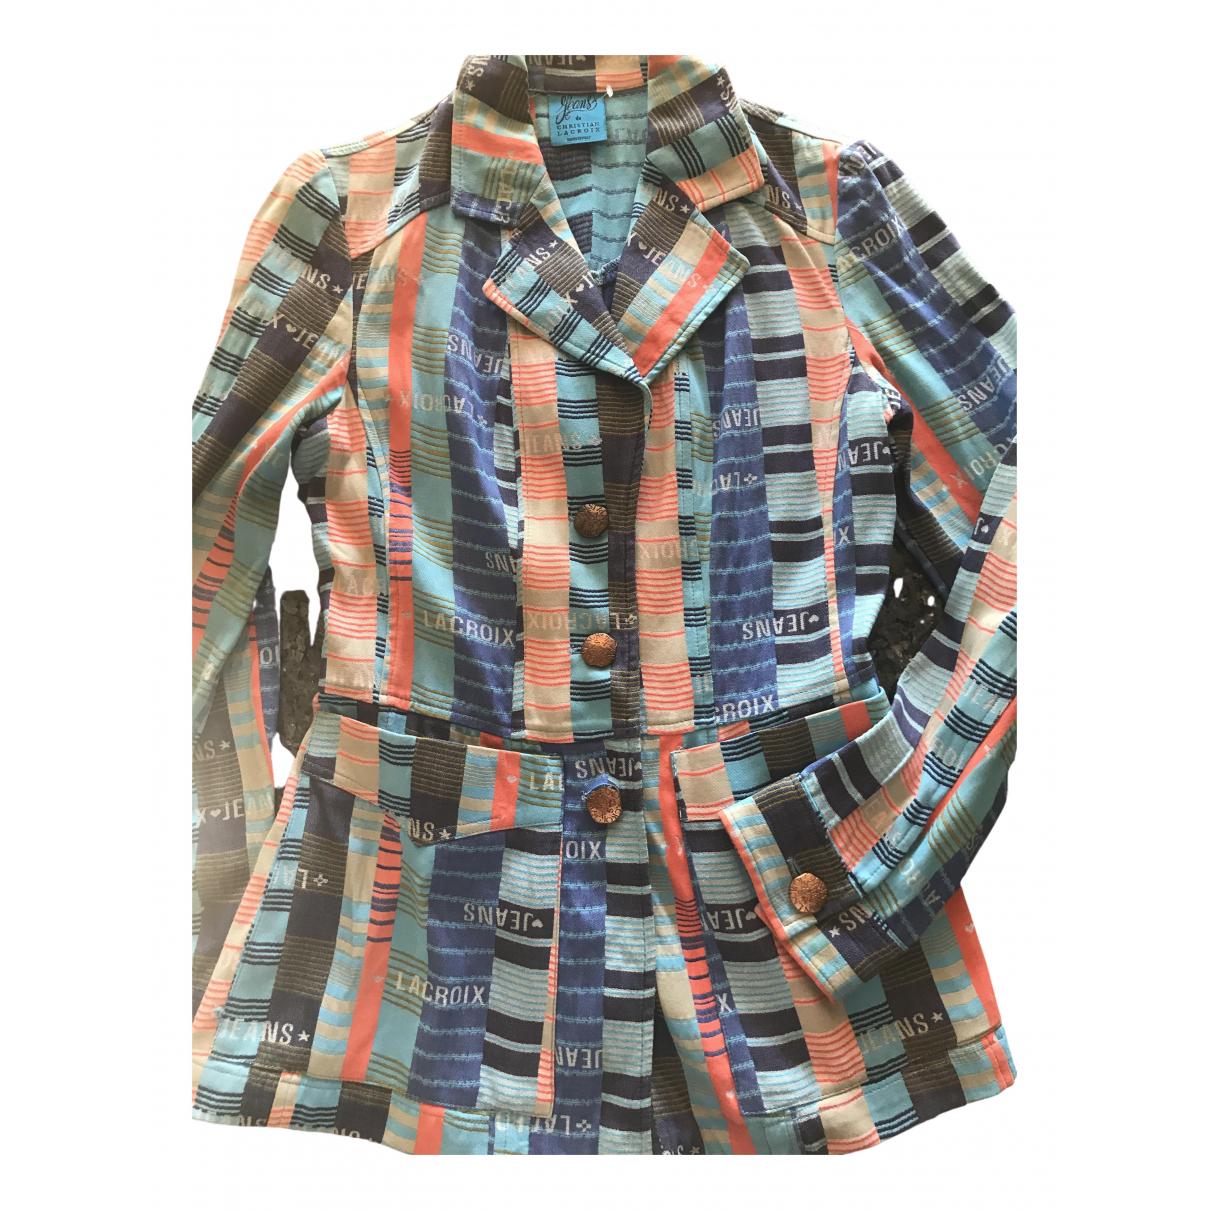 Christian Lacroix - Veste   pour femme en coton - multicolore